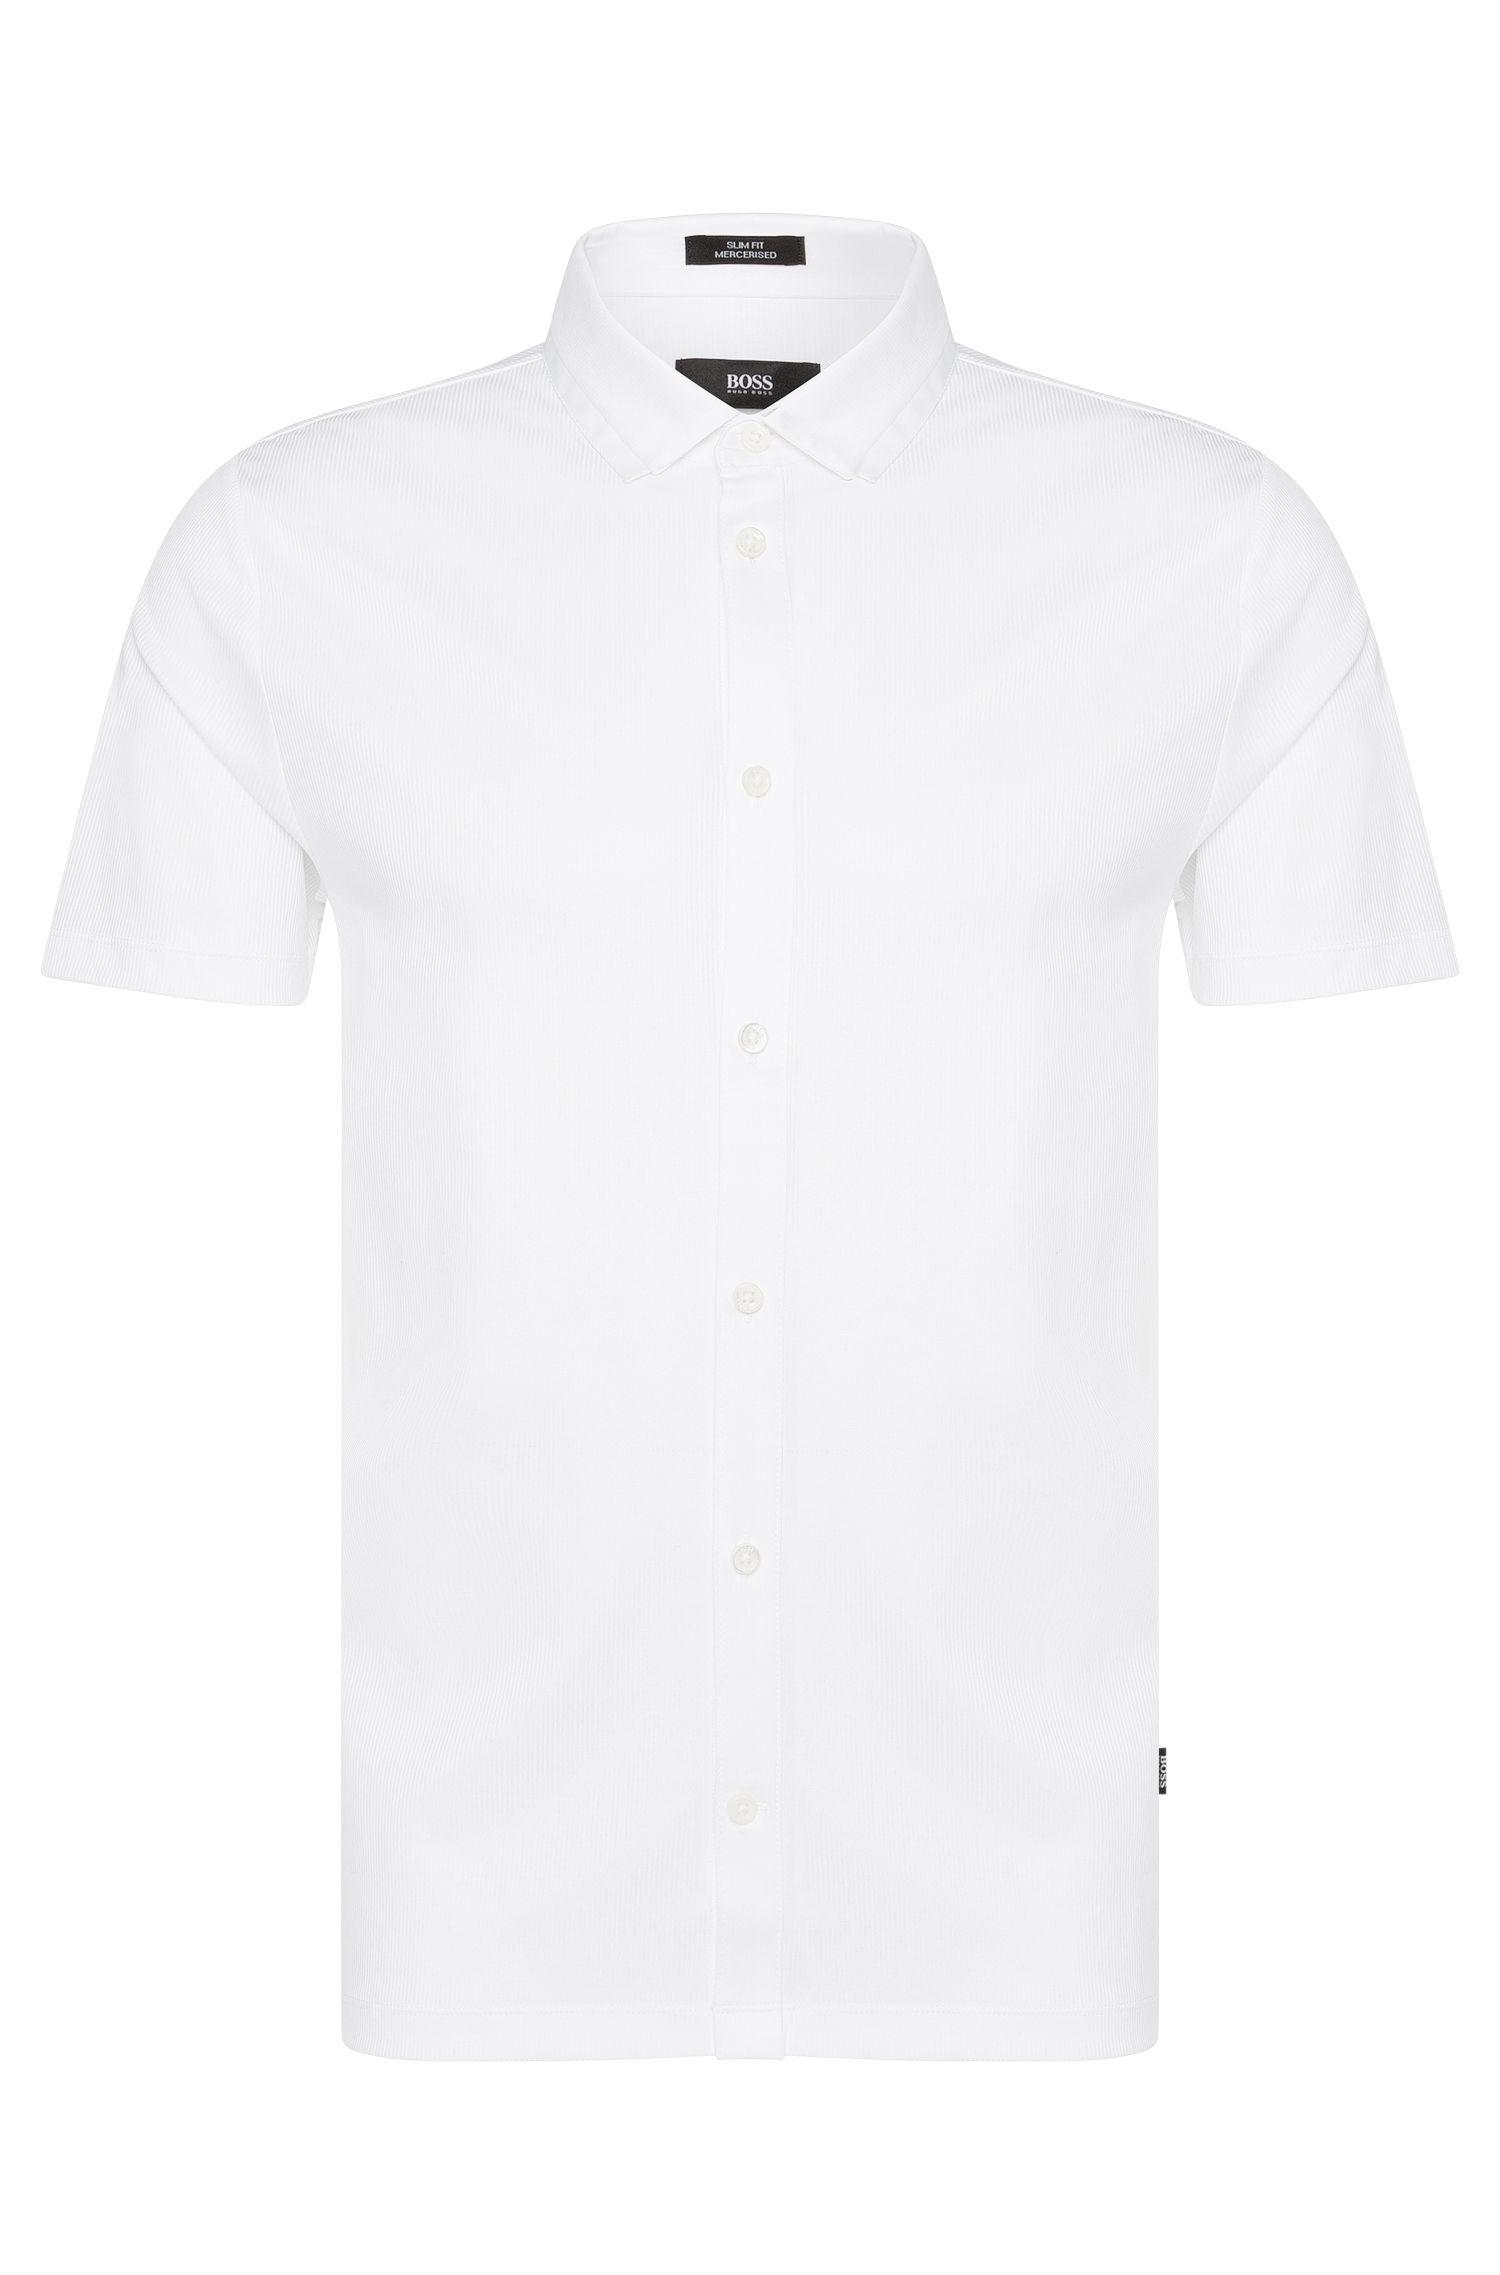 Polo Slim Fit en coton, à boutons: «Puno02»